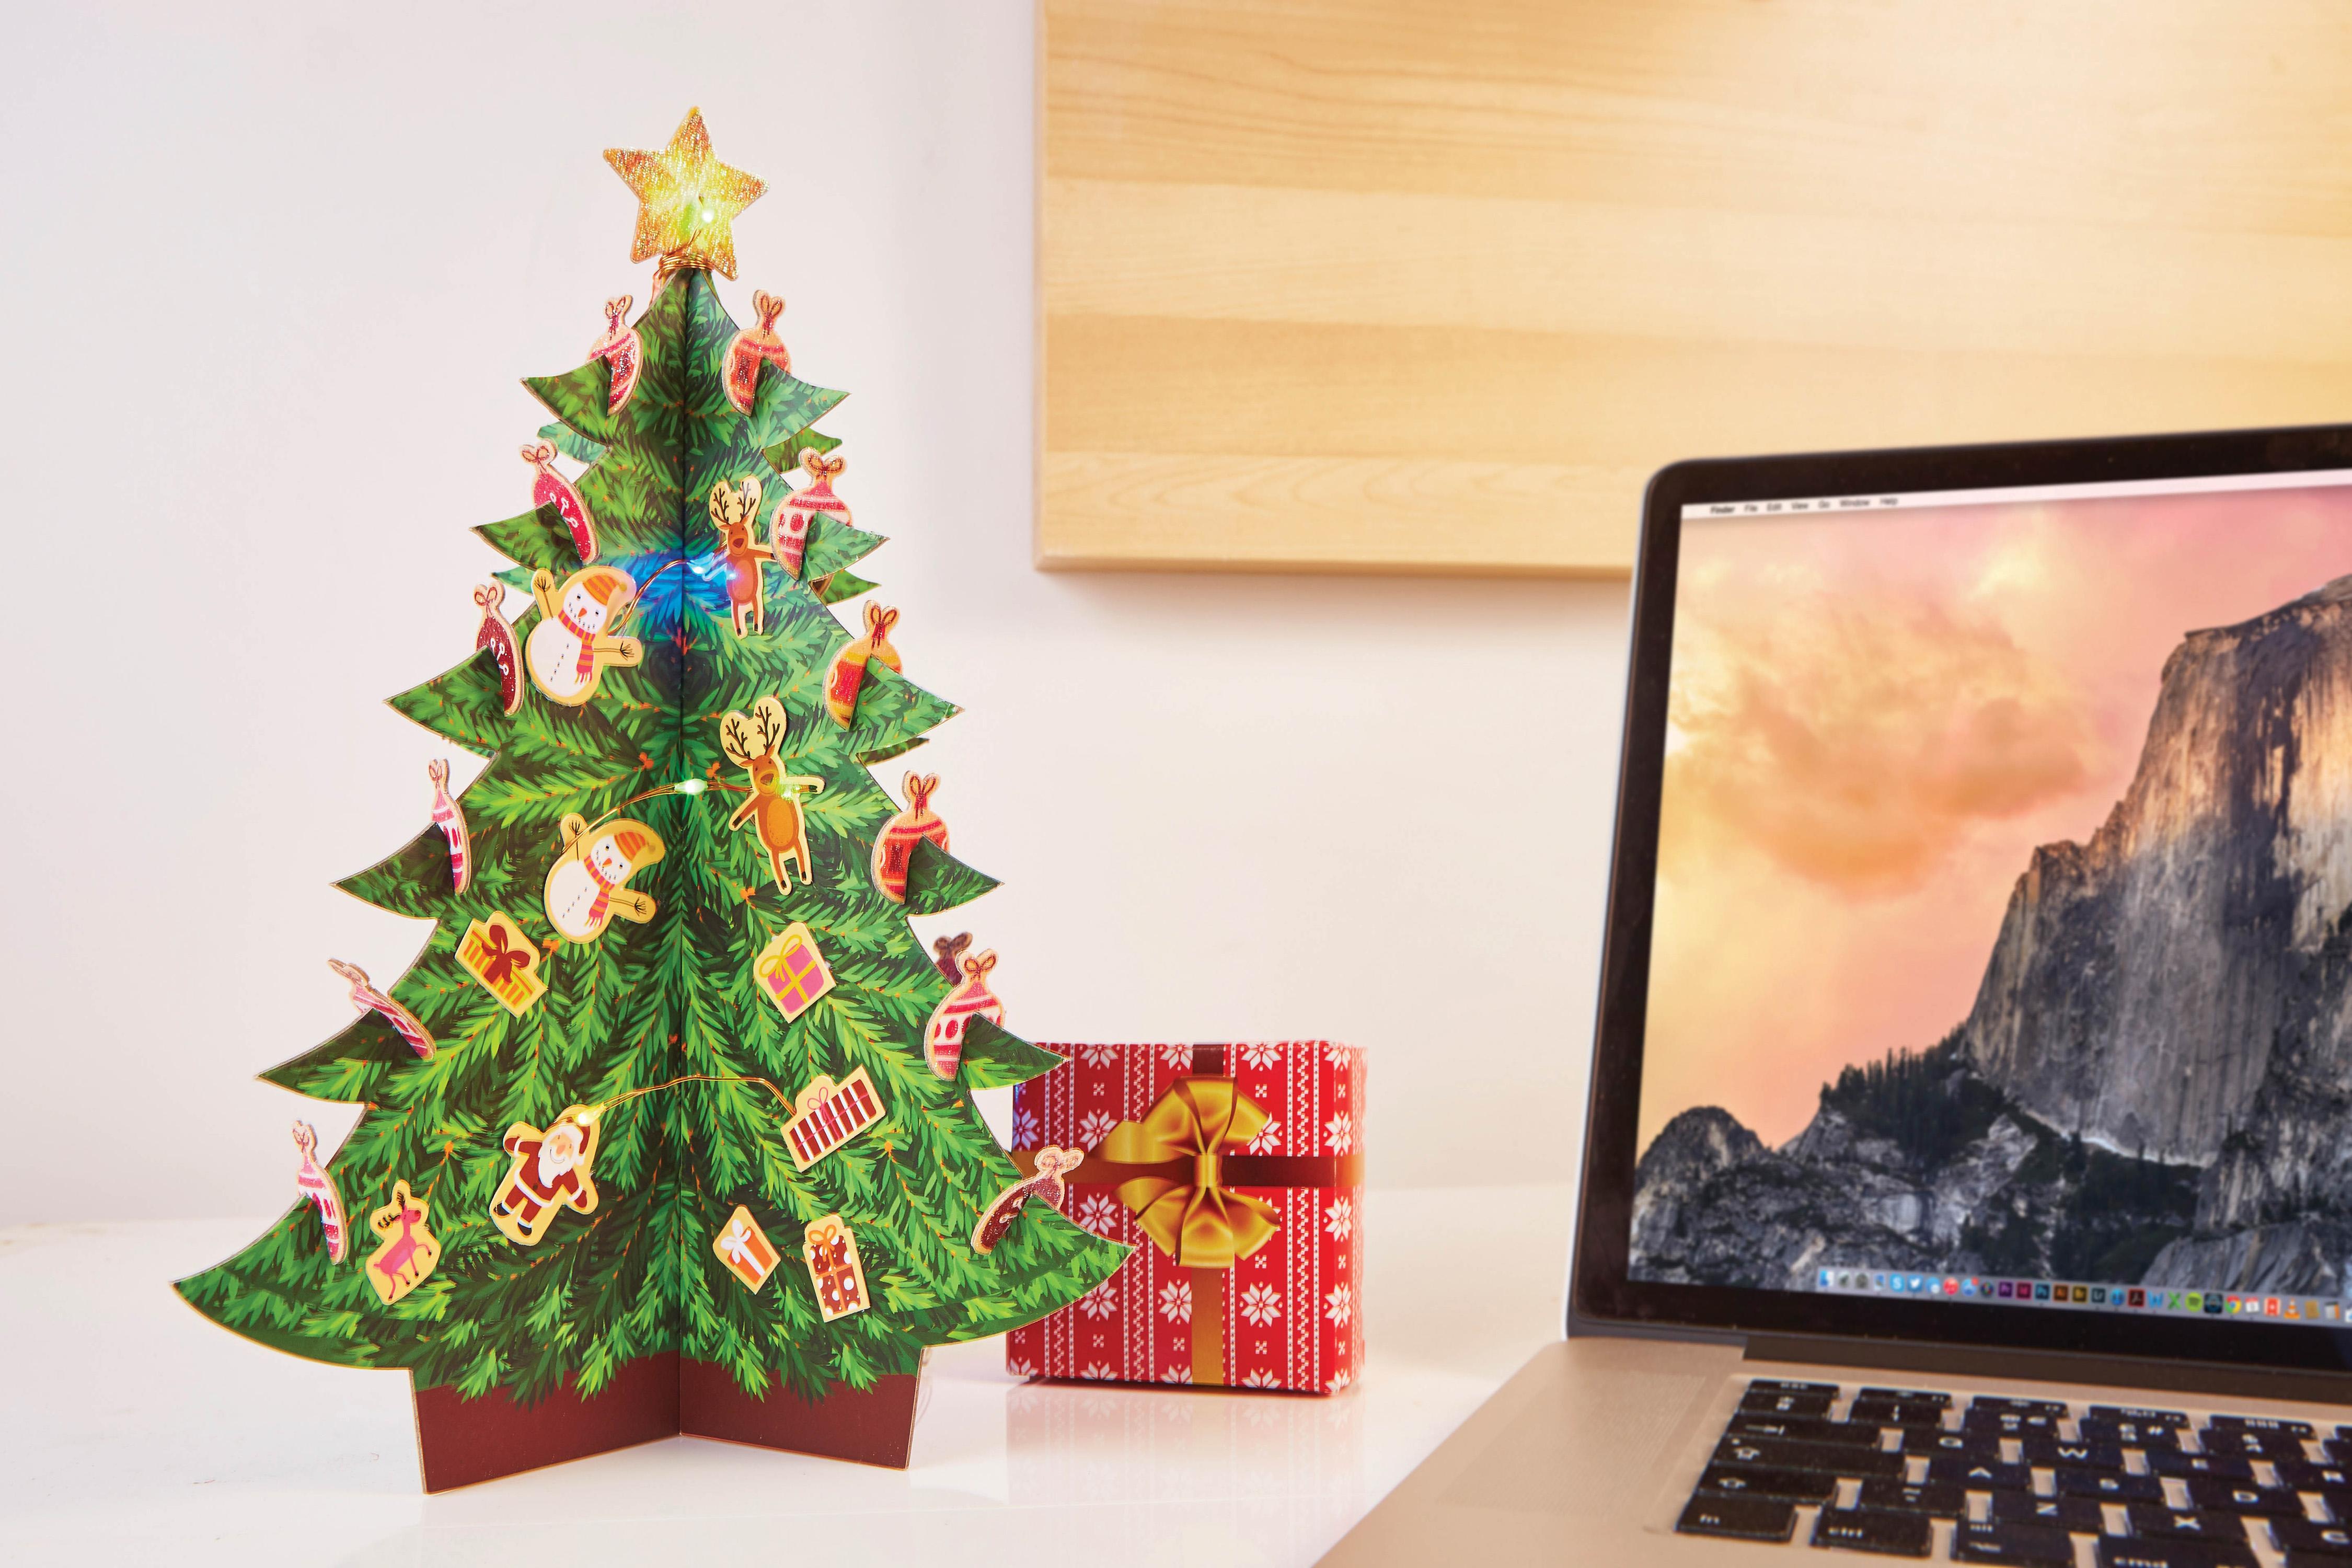 Make Your Own Christmas Tree 1